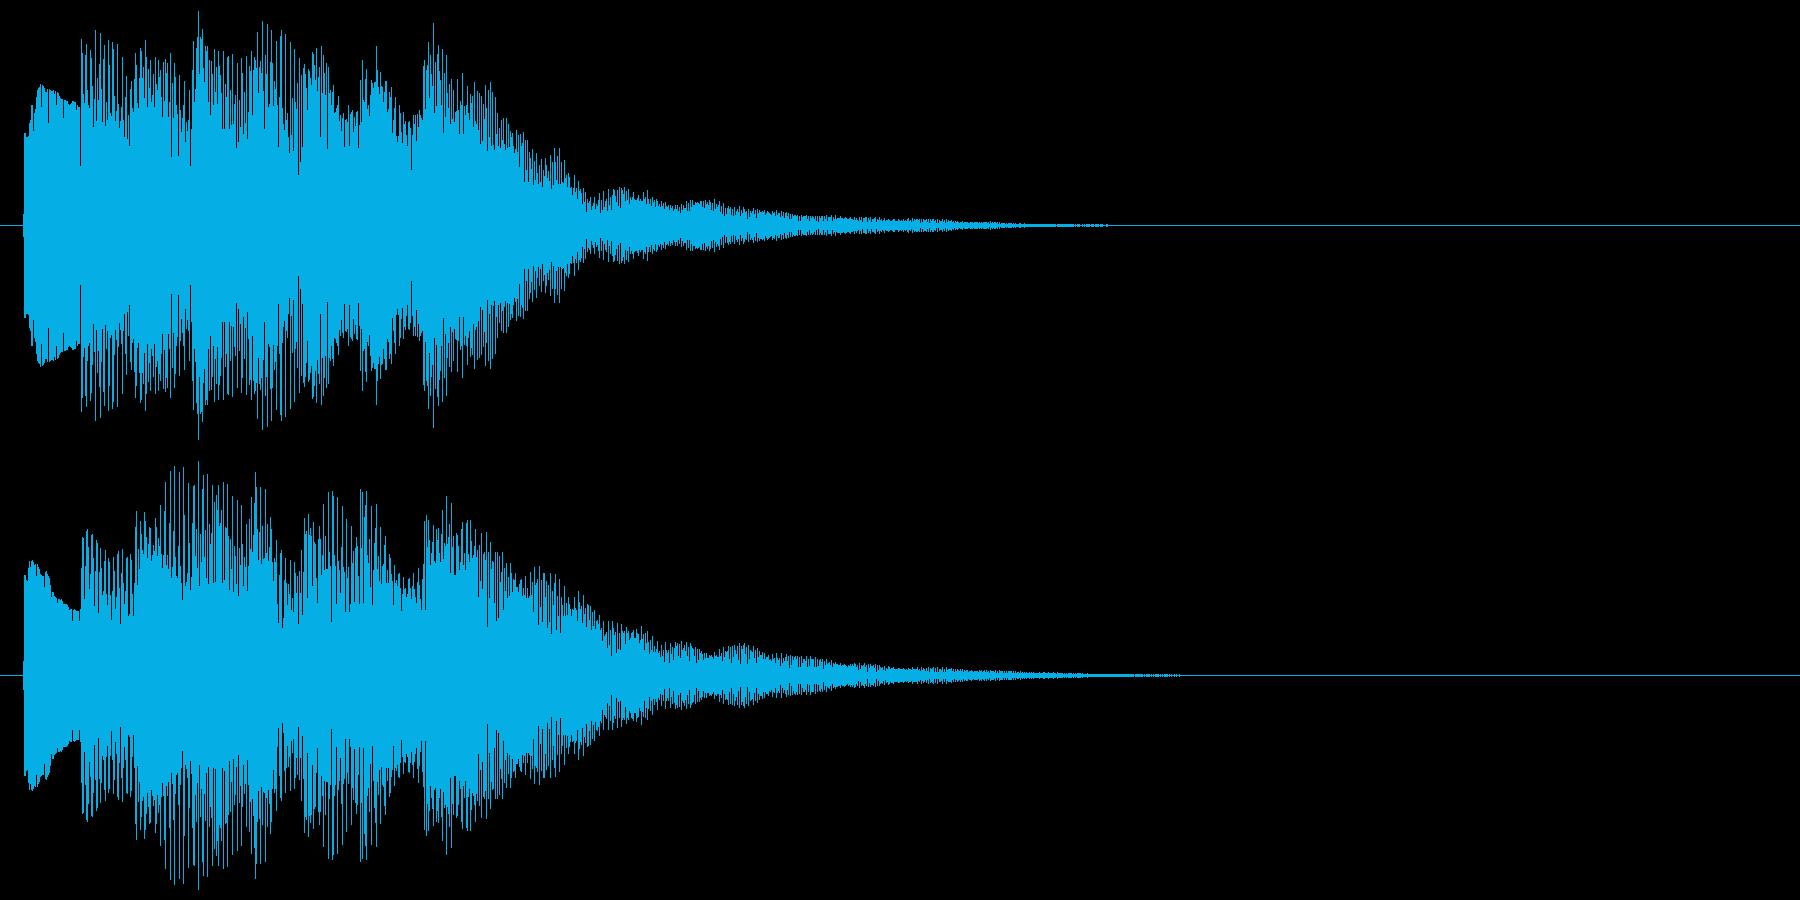 アラーム音09 キラキラ(maj)の再生済みの波形